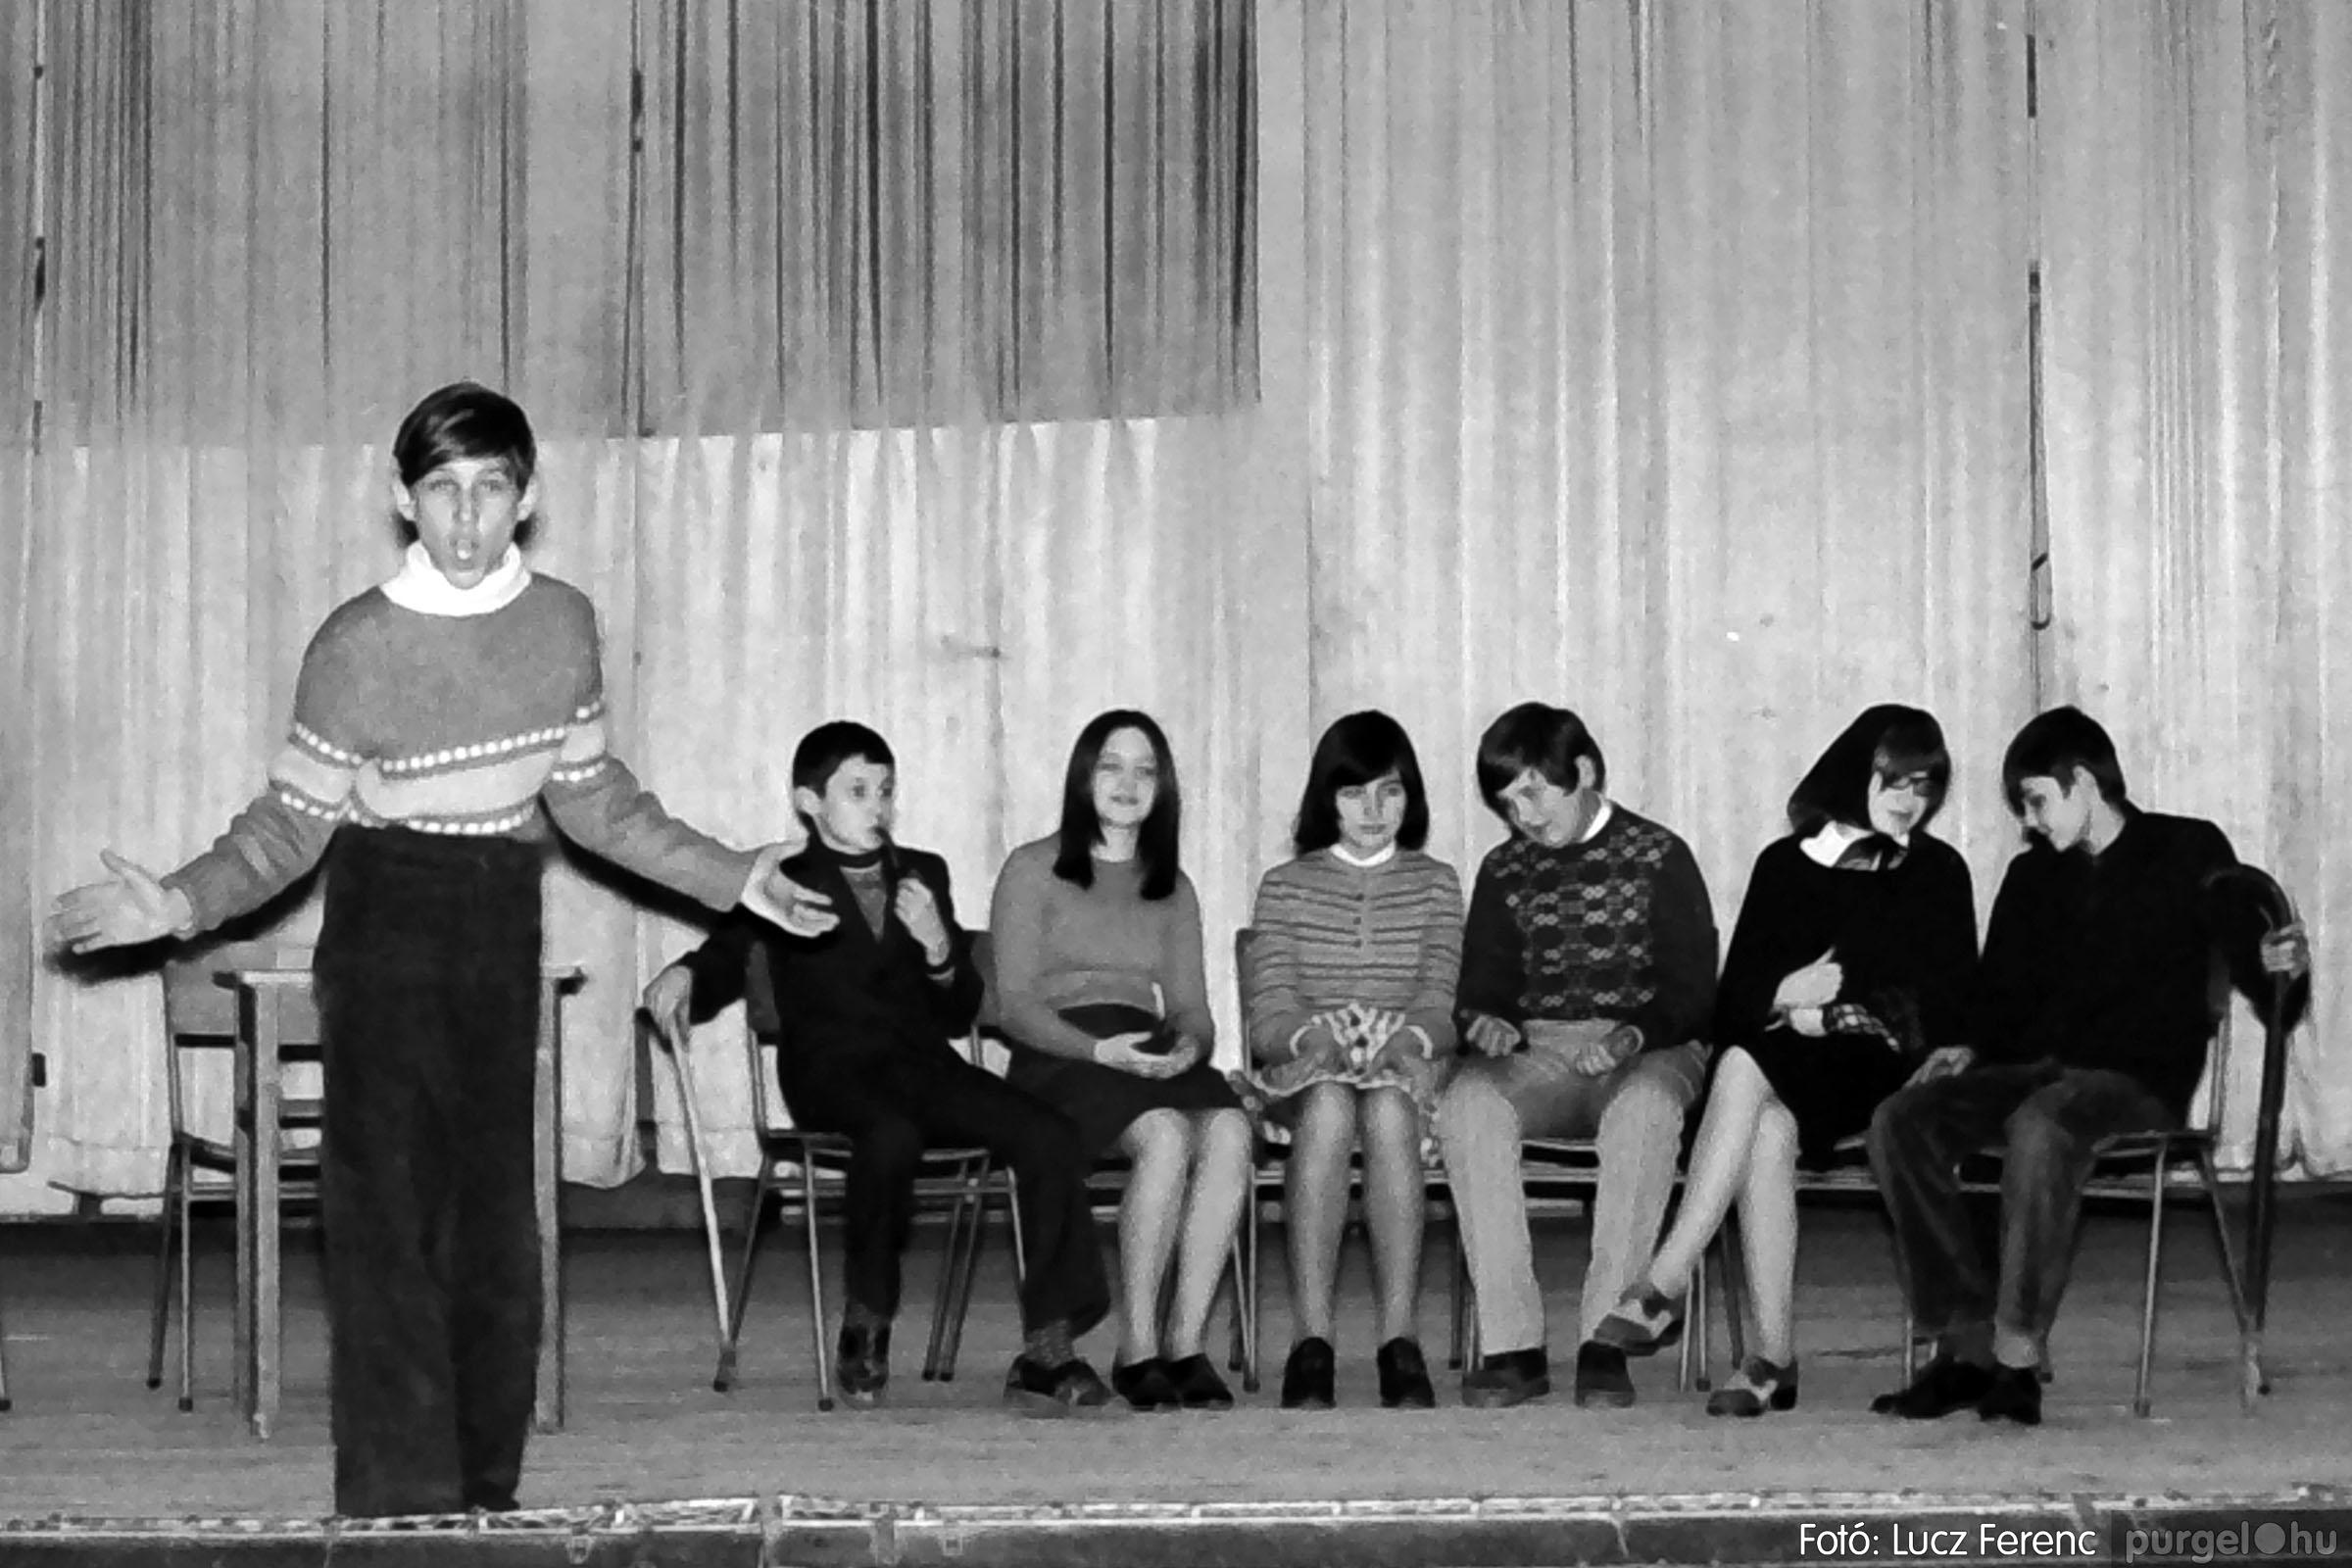 036-037. 1976. Diákprogram a kultúrházban 031 - Fotó: Lucz Ferenc.jpg